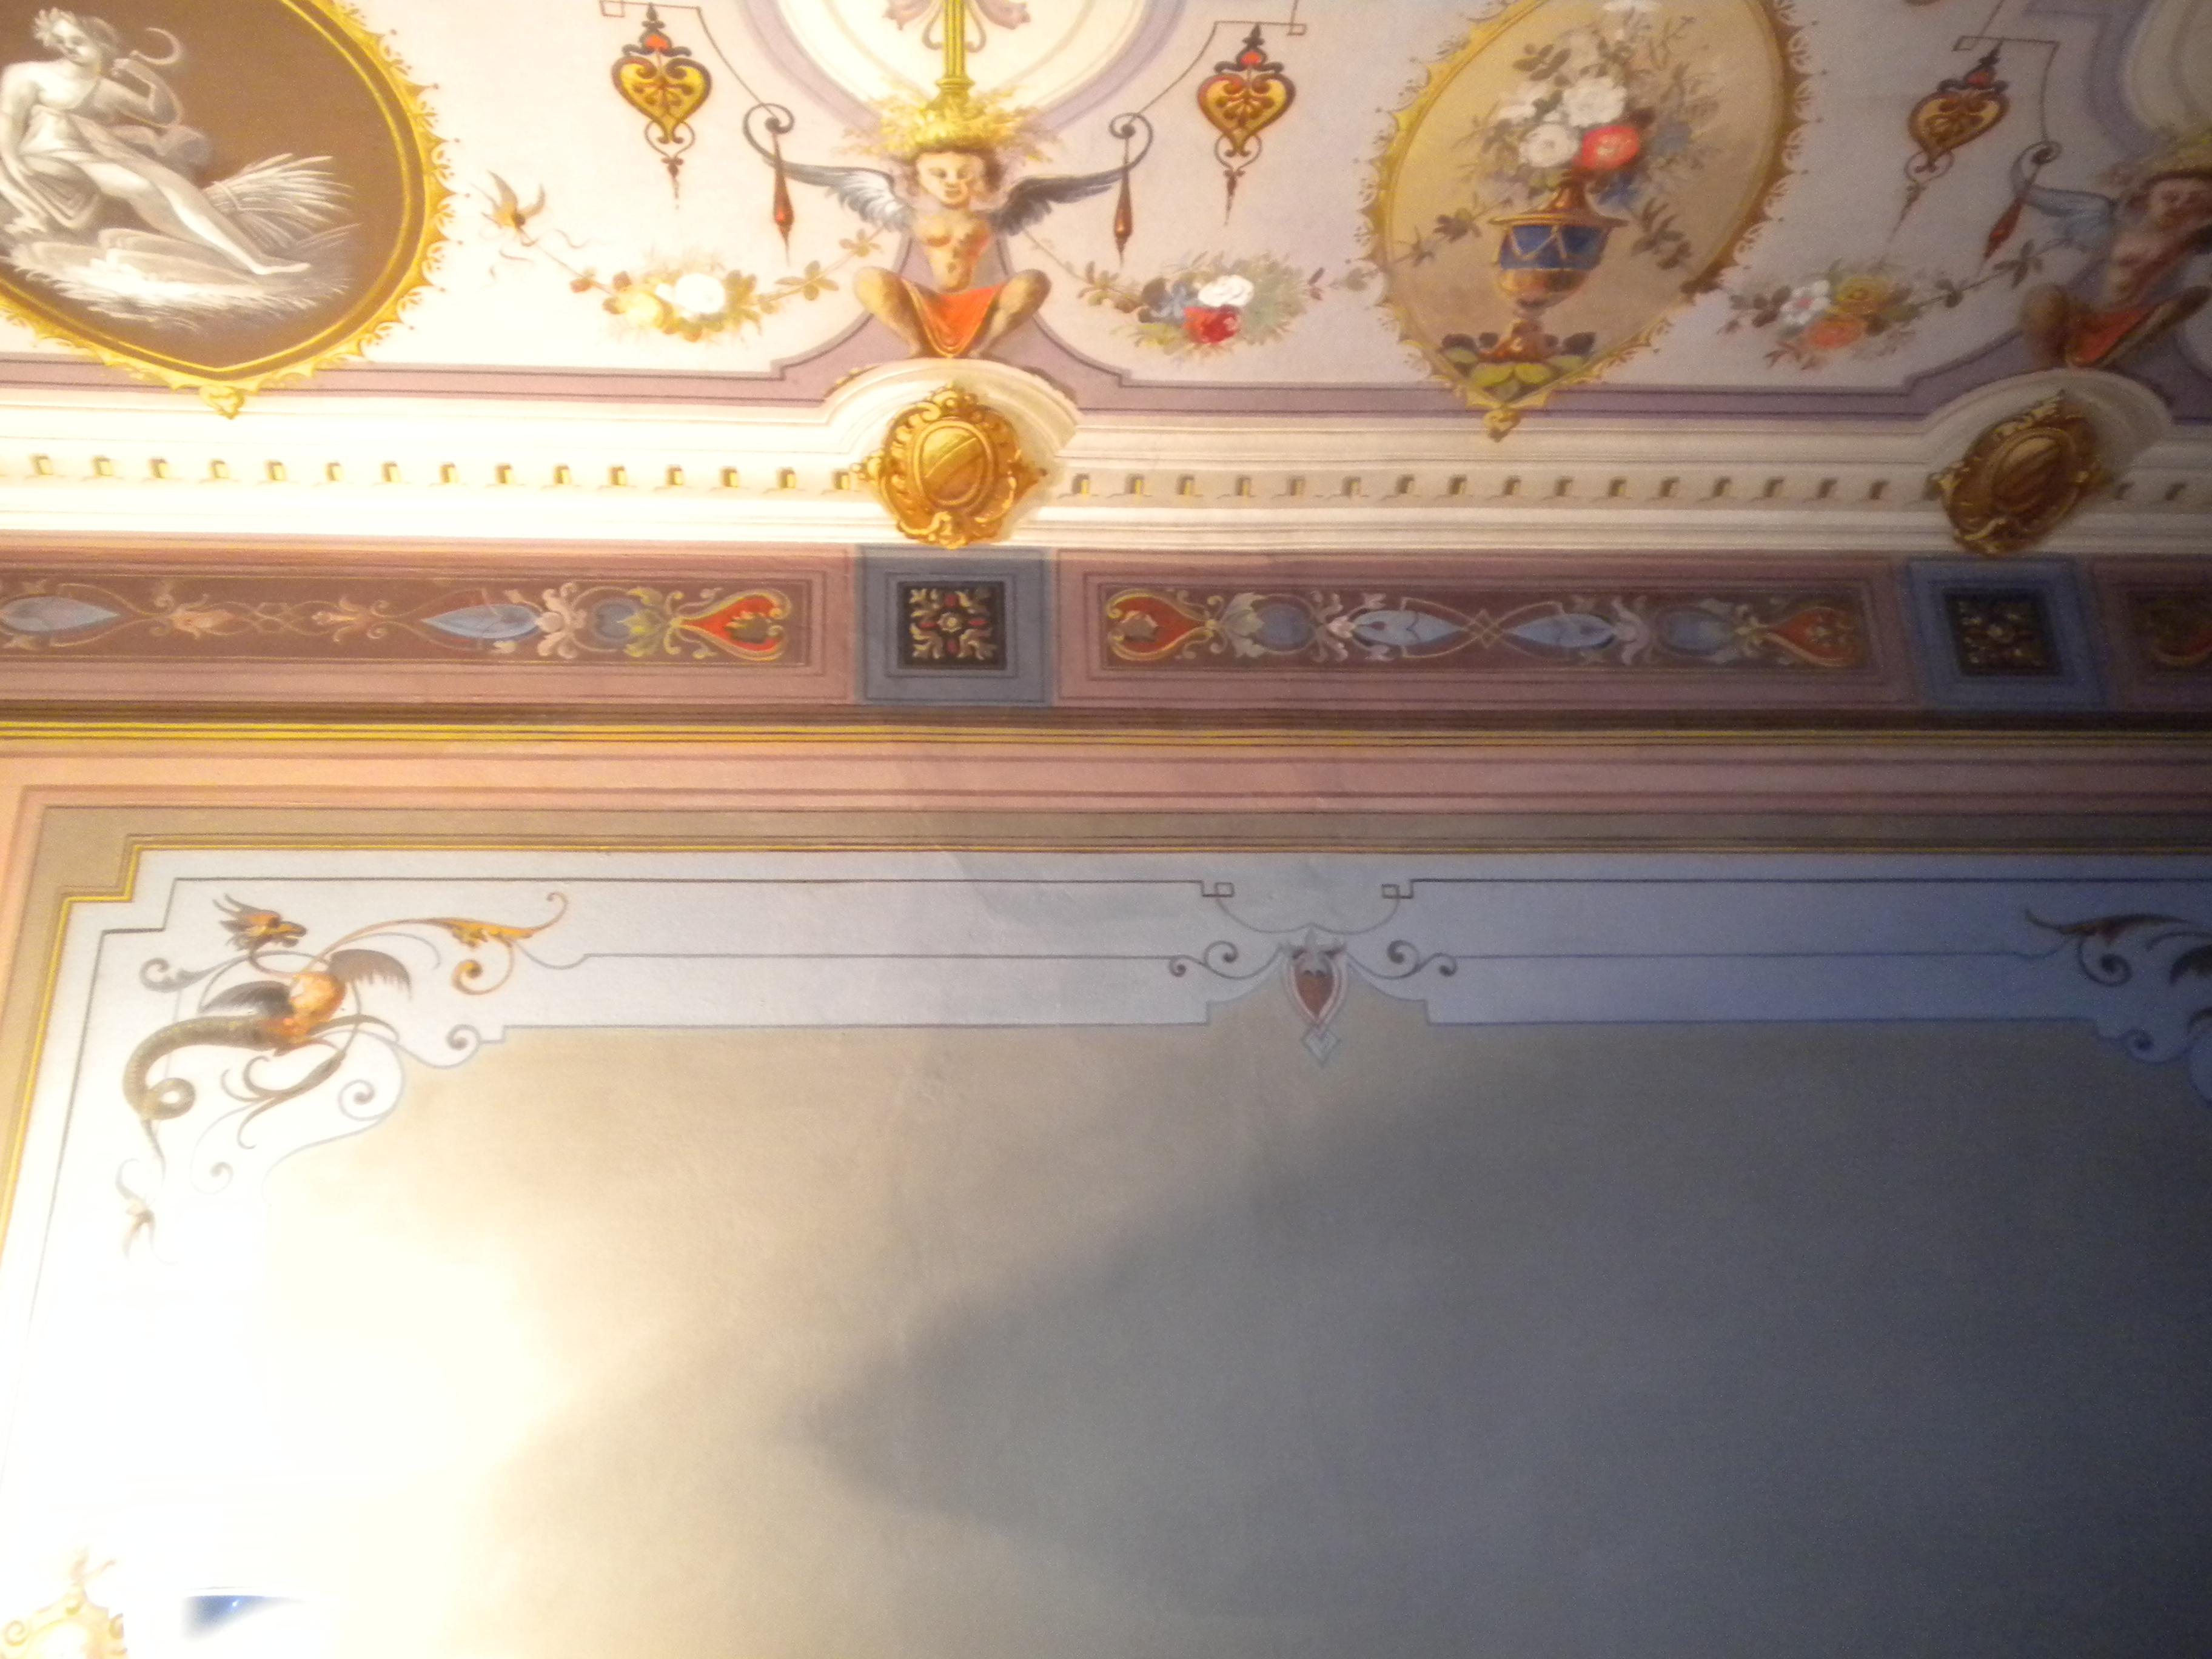 Pitture murali - Monica restauro